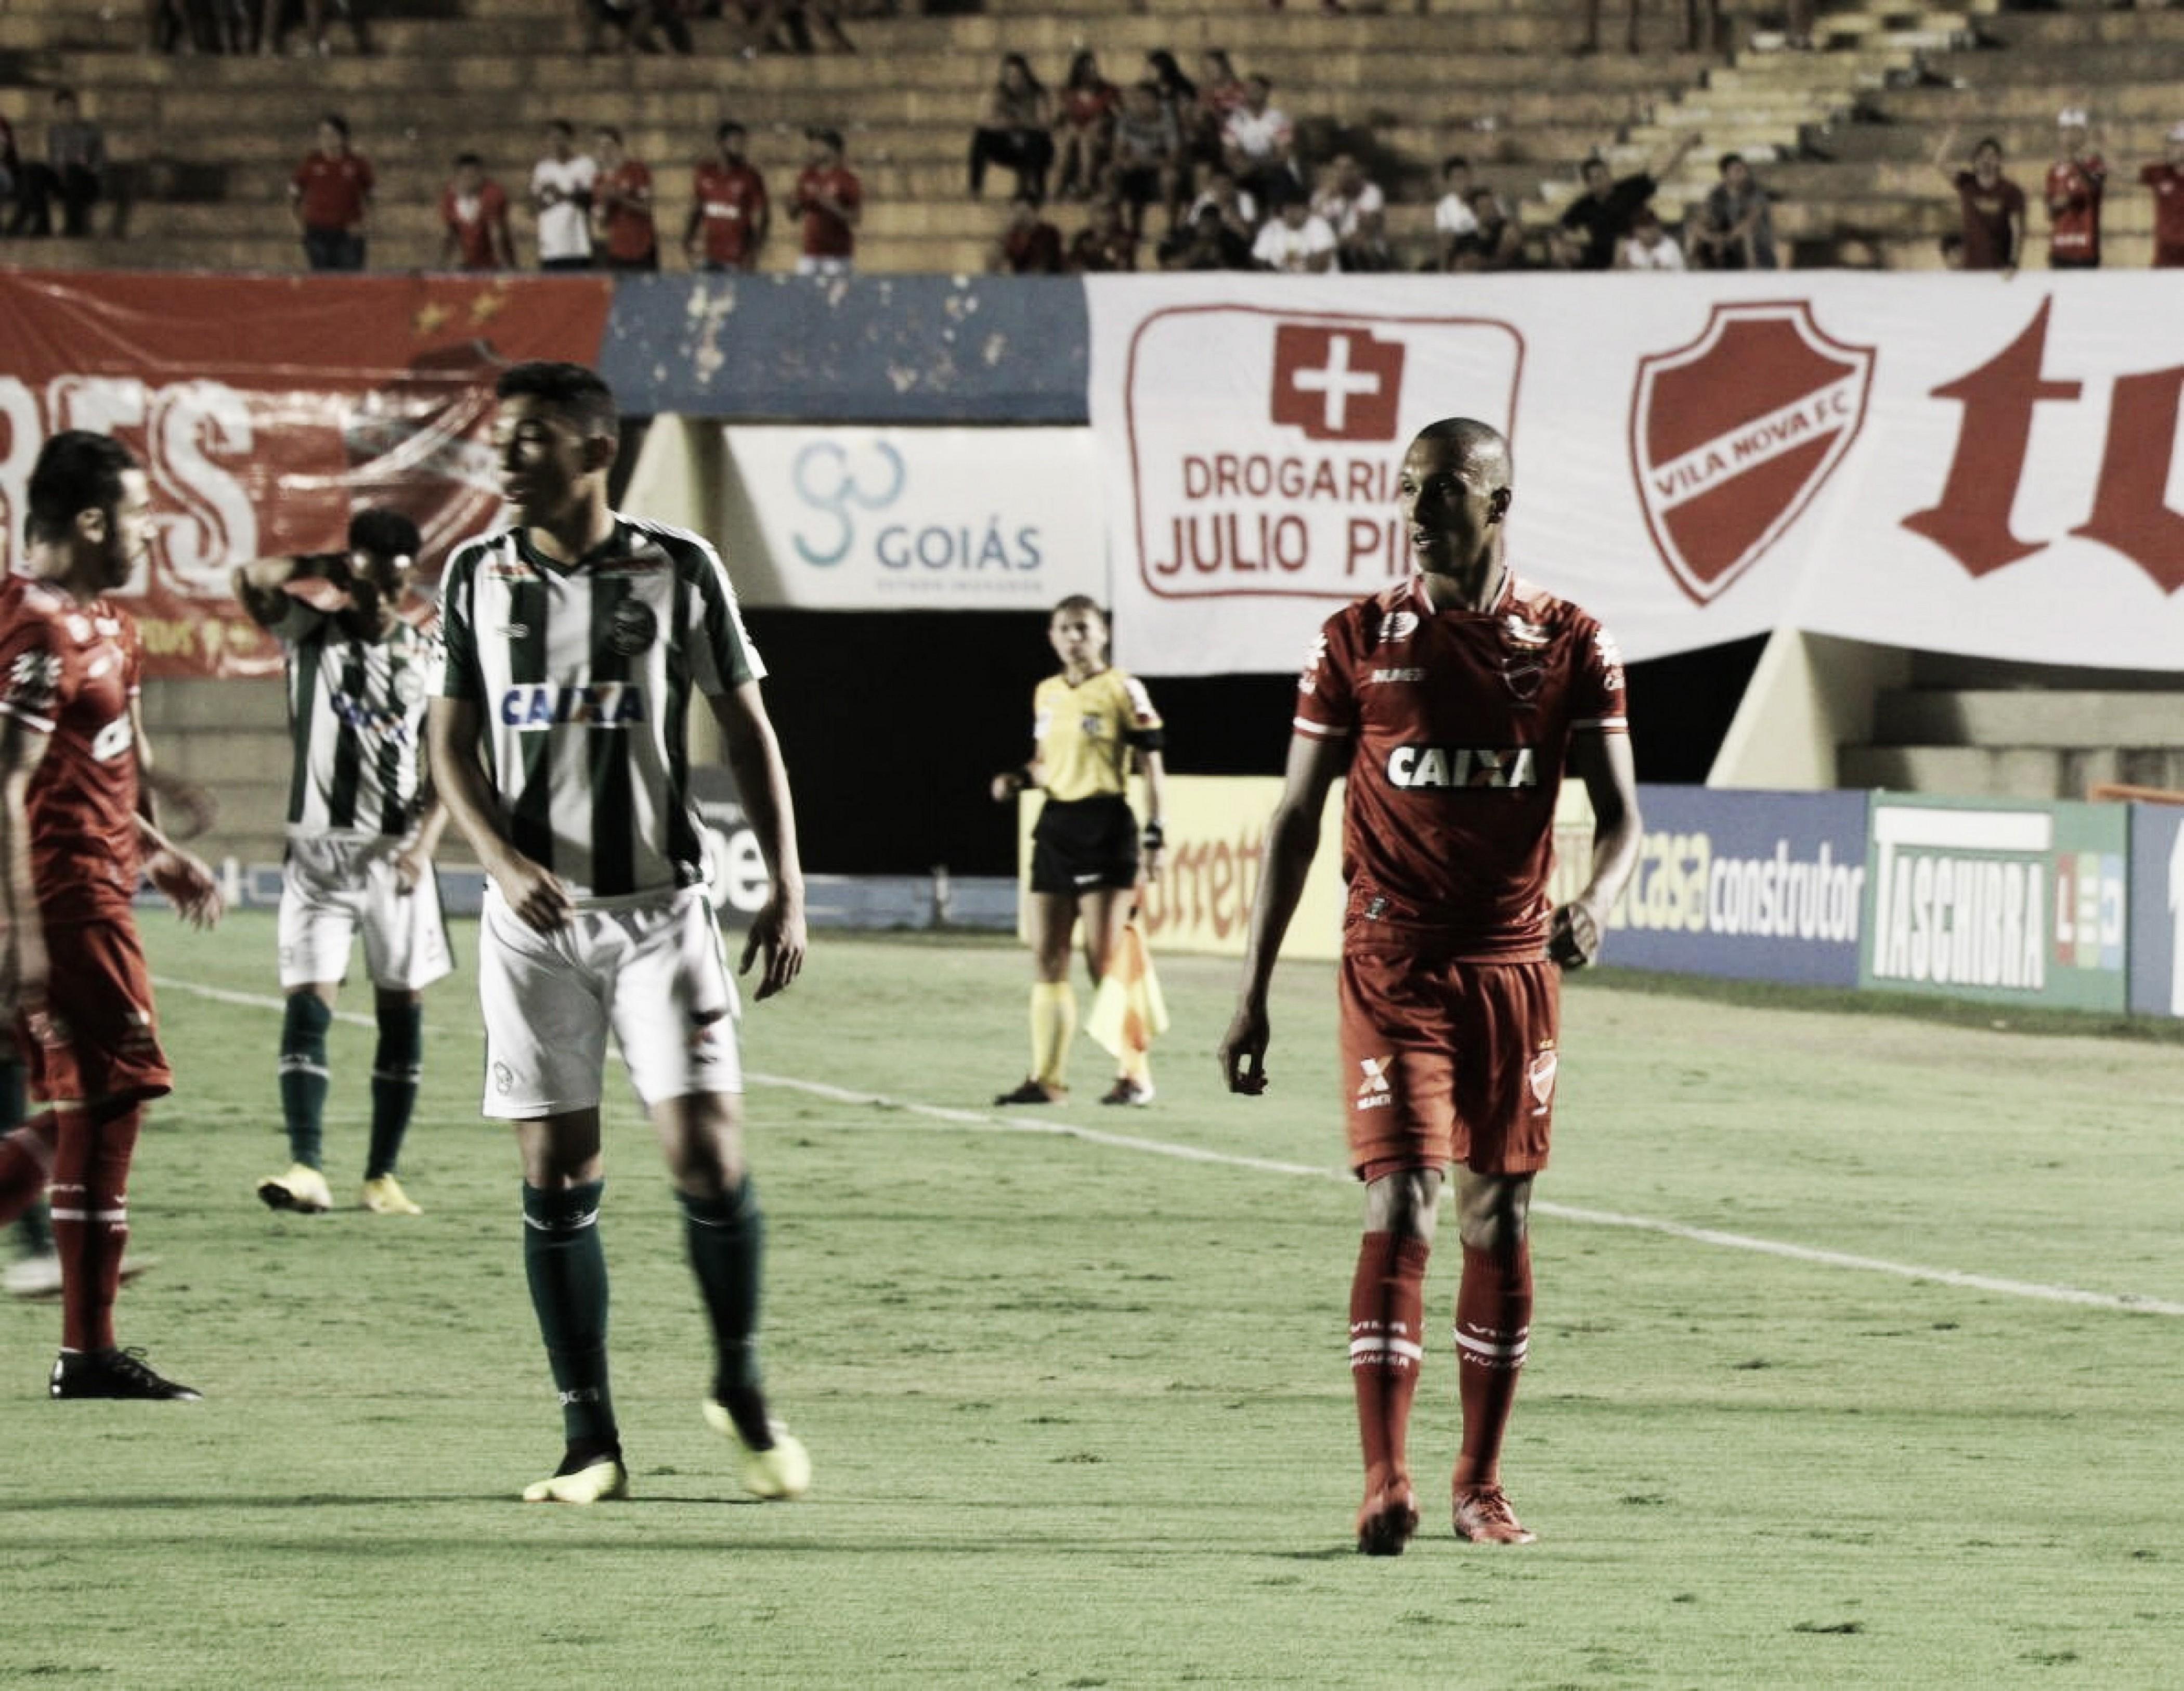 Vila Nova vence Coritiba em casa e se reaproxima do G-4 da Série B do Brasileirão